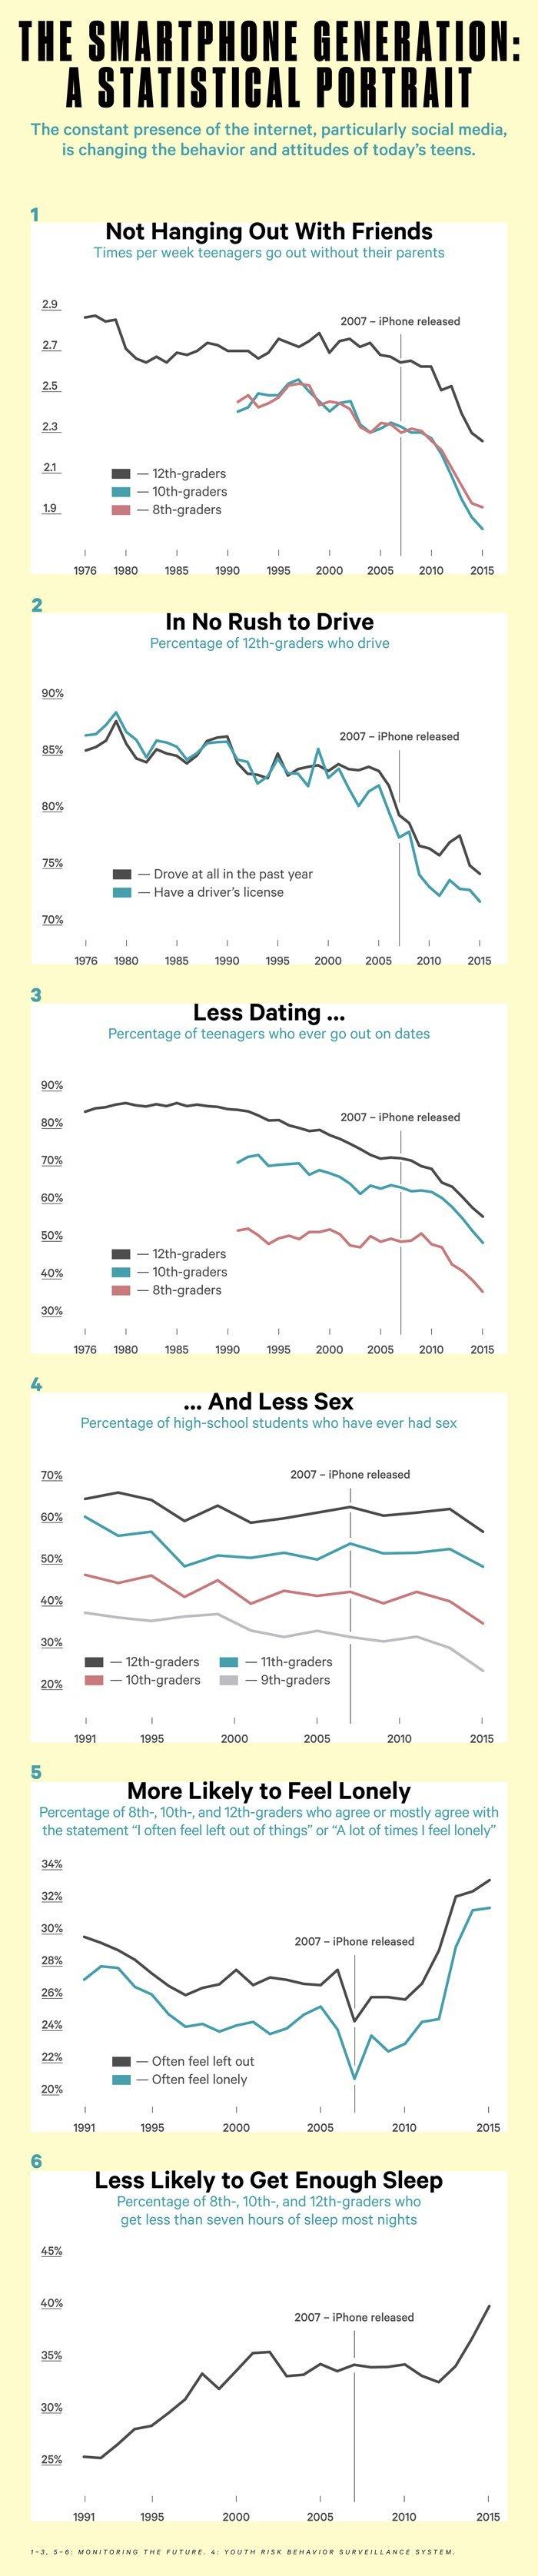 Smartphone Impact on Teenagers